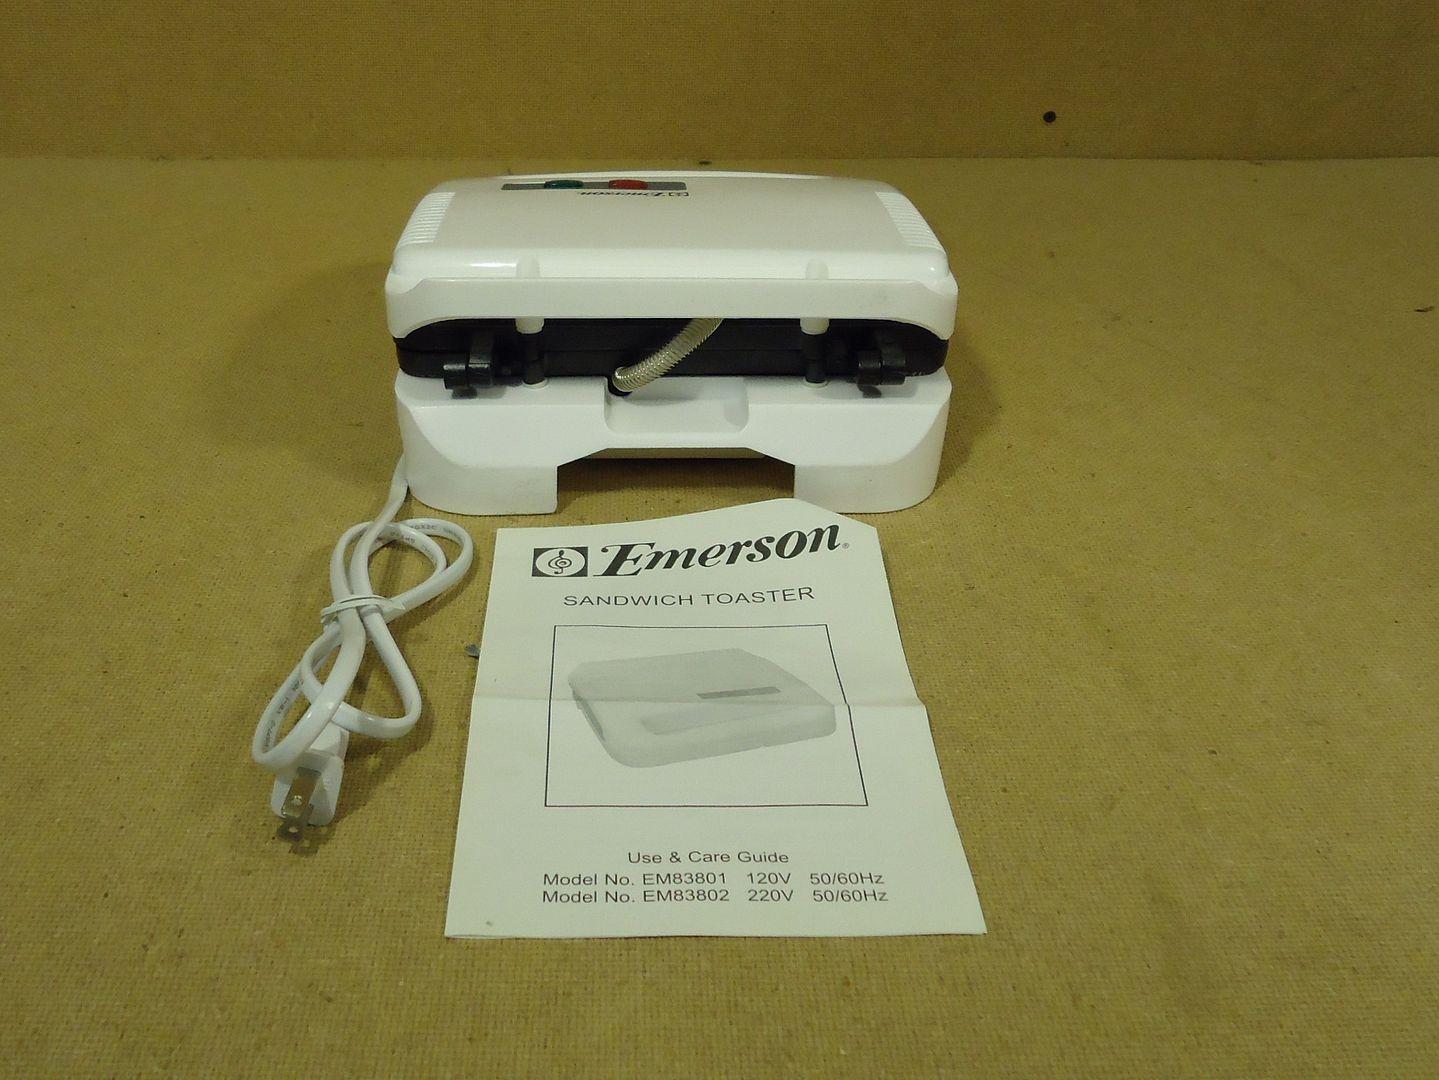 jw1540 101812-856z Emerson Sandwich Toaster 10in x 9in x 4in White EM83801 Plastic Metal